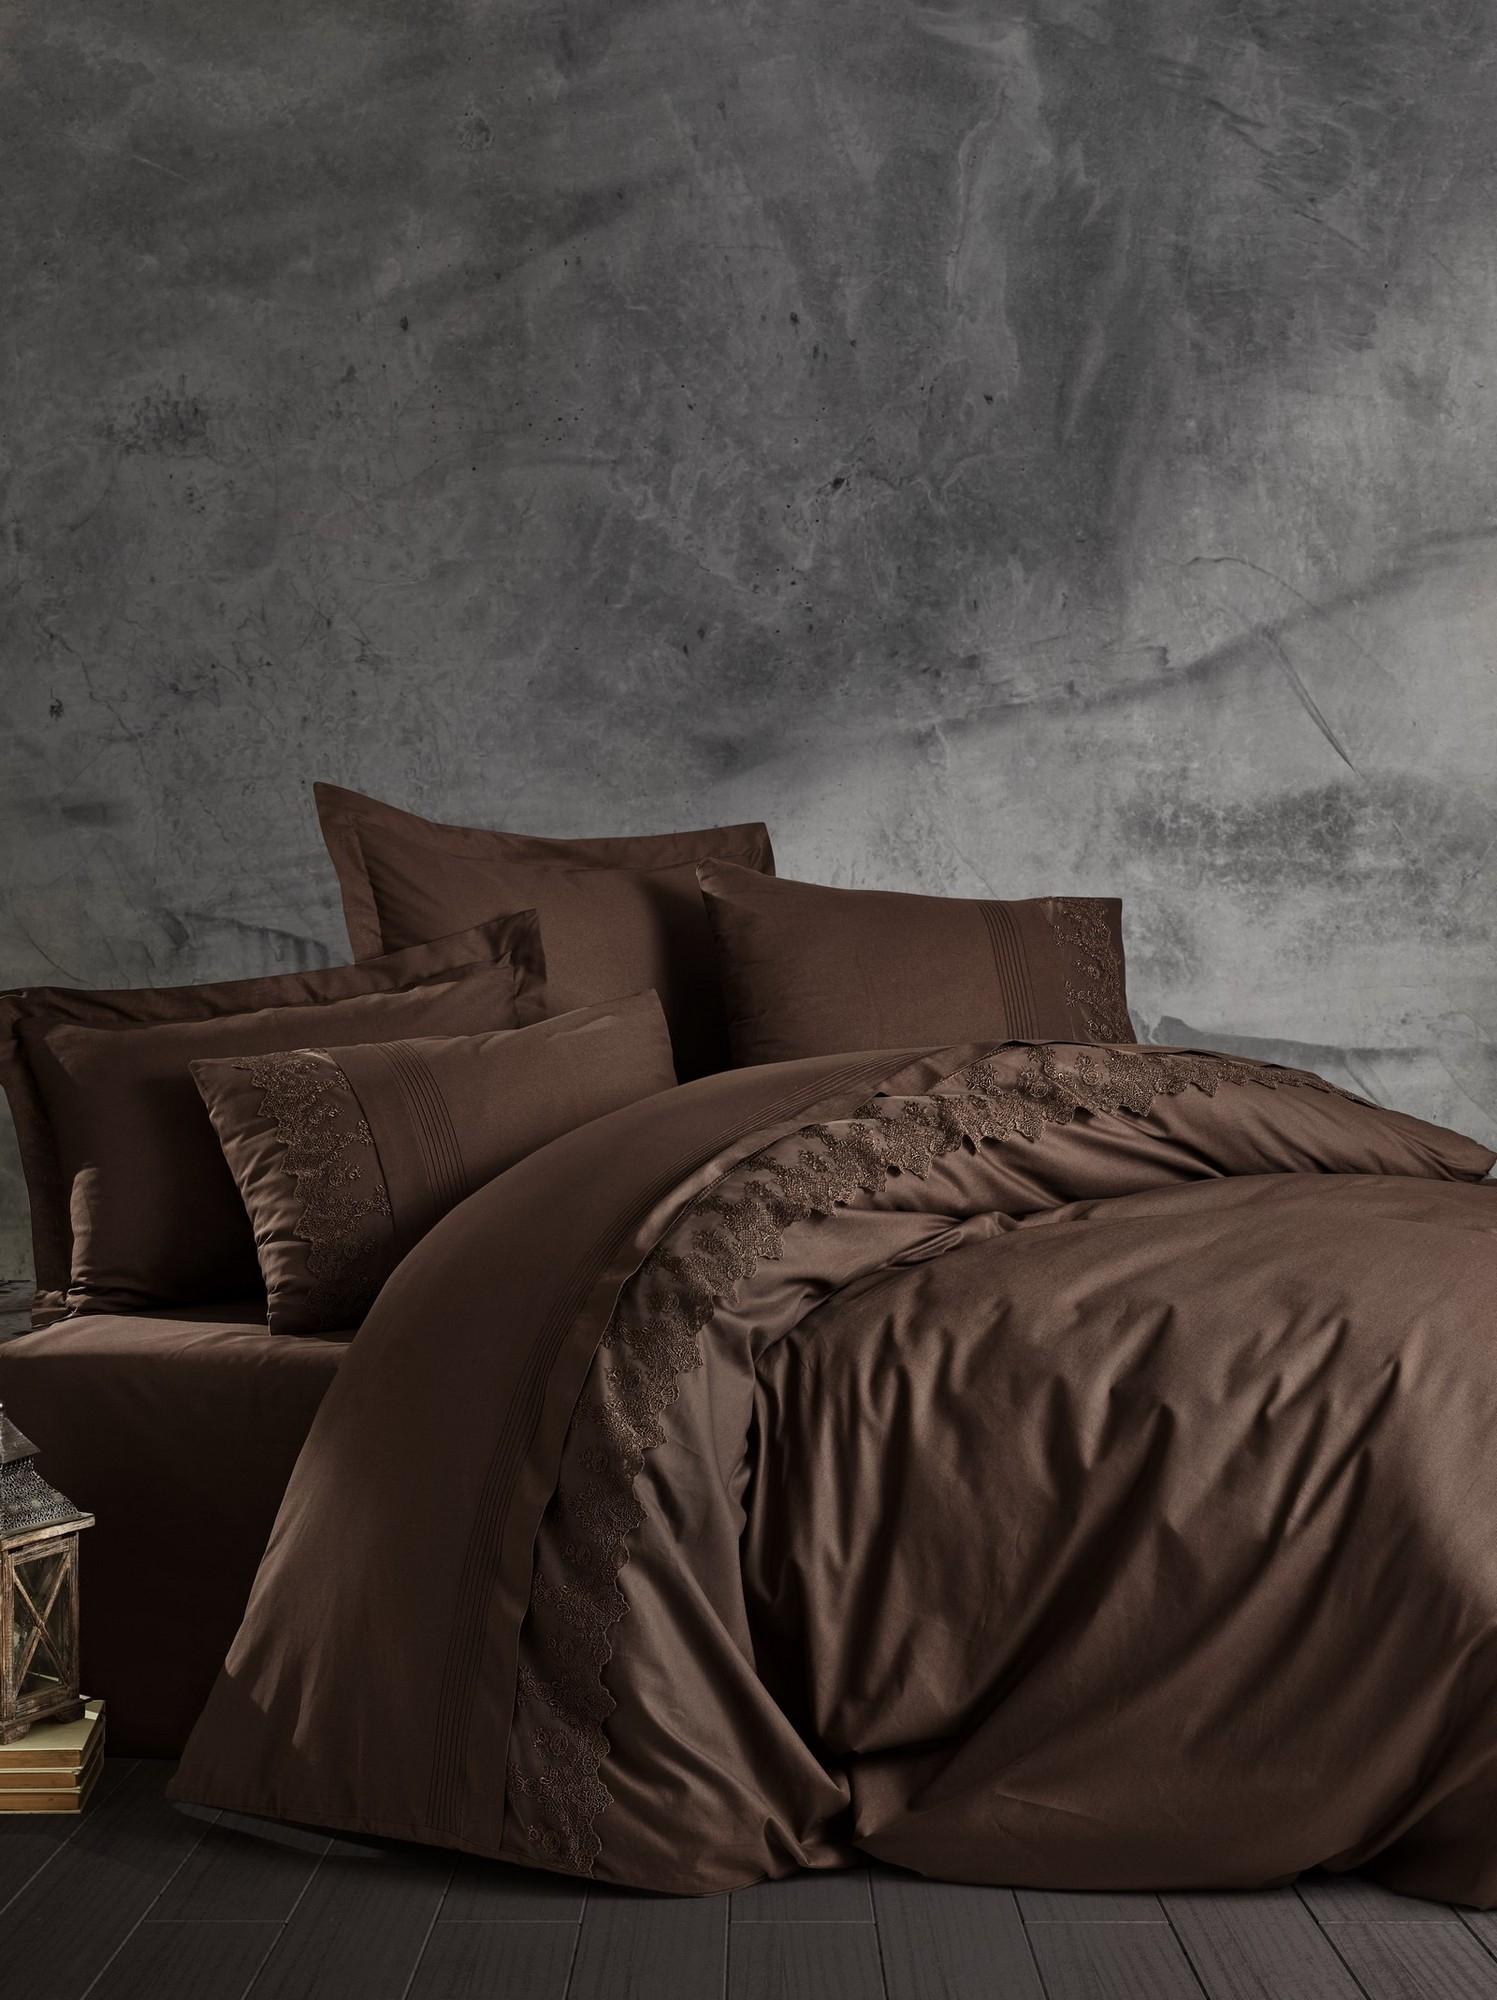 Lenjerie de pat din bumbac Ranforce Enzo Maro, 200 x 220 cm imagine